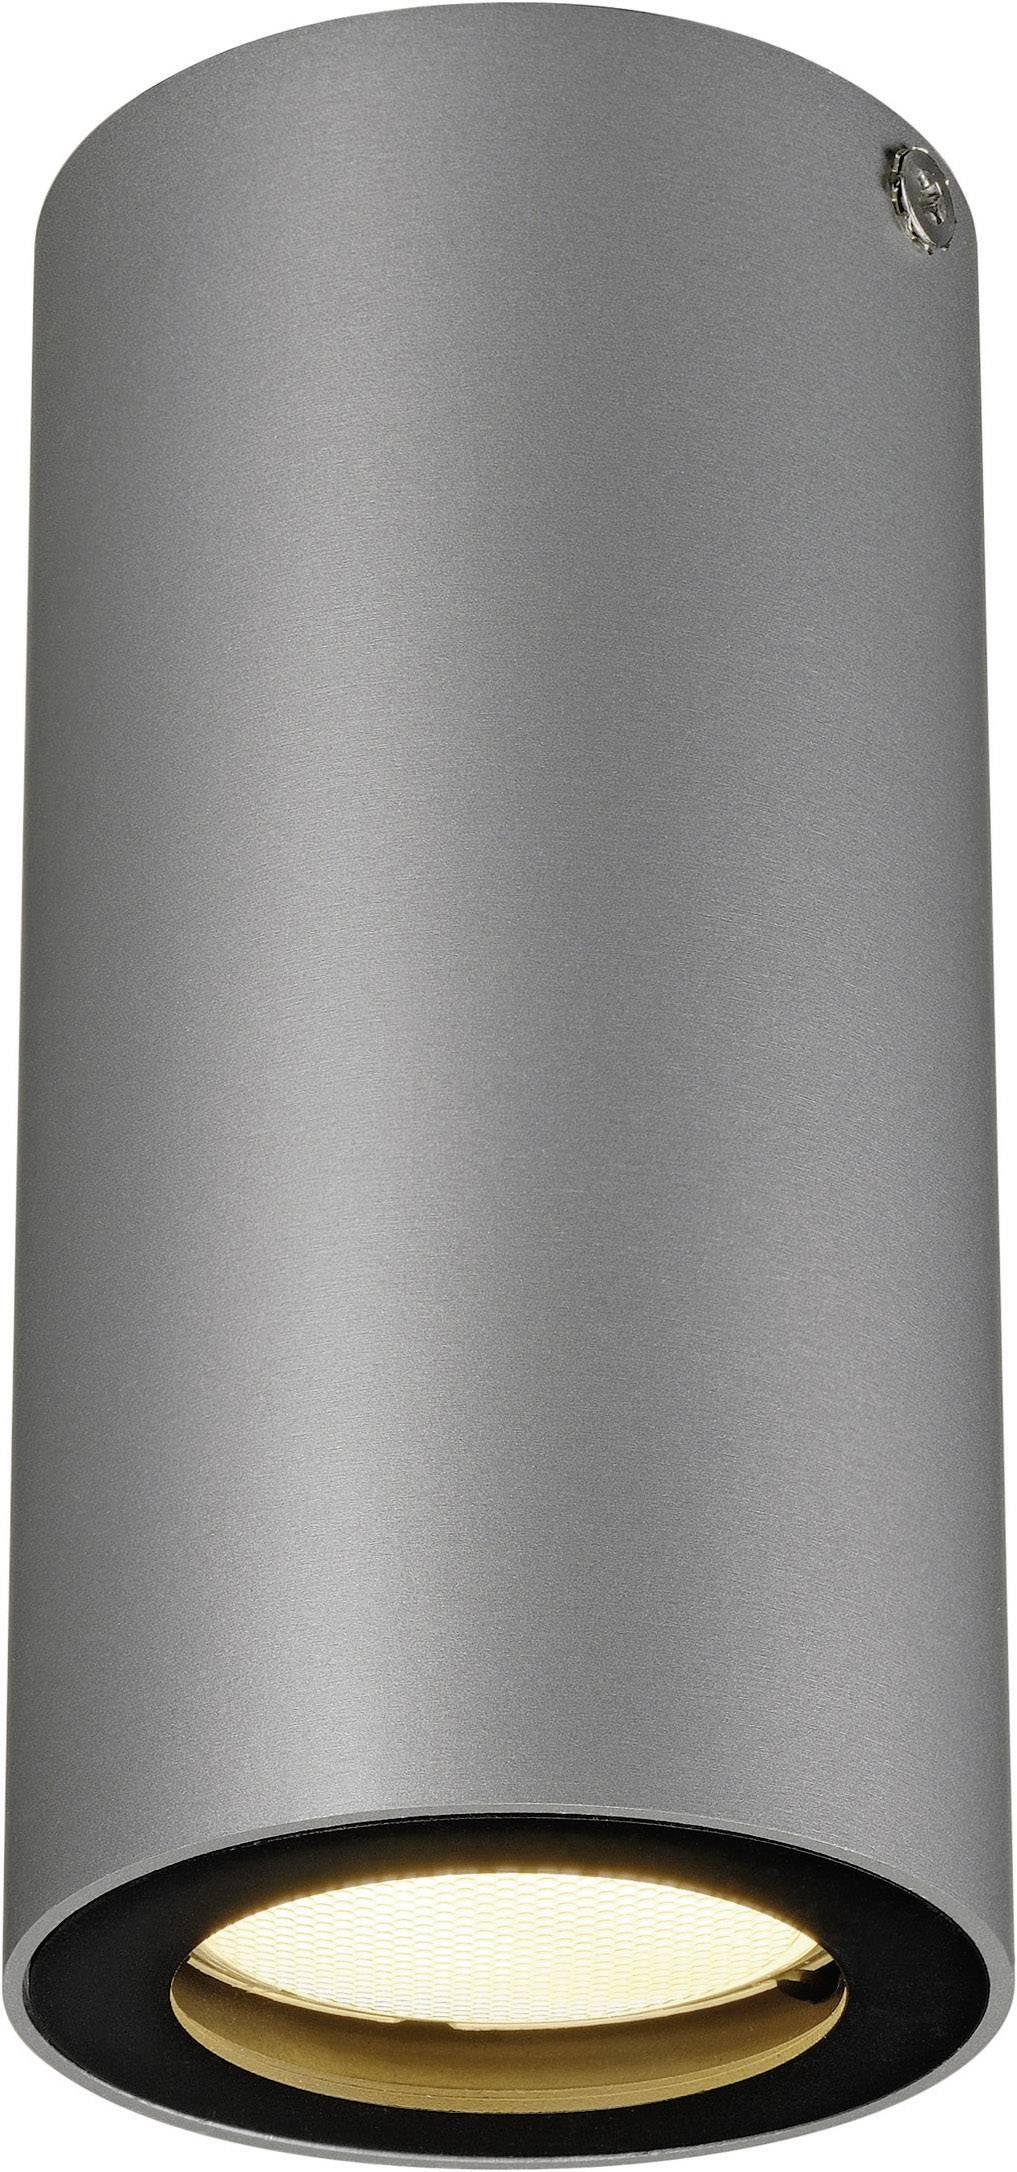 Stropní svítidlo halogenová žárovka, LED SLV Enola_B 151814, GU10, 35 W, šedá, černá